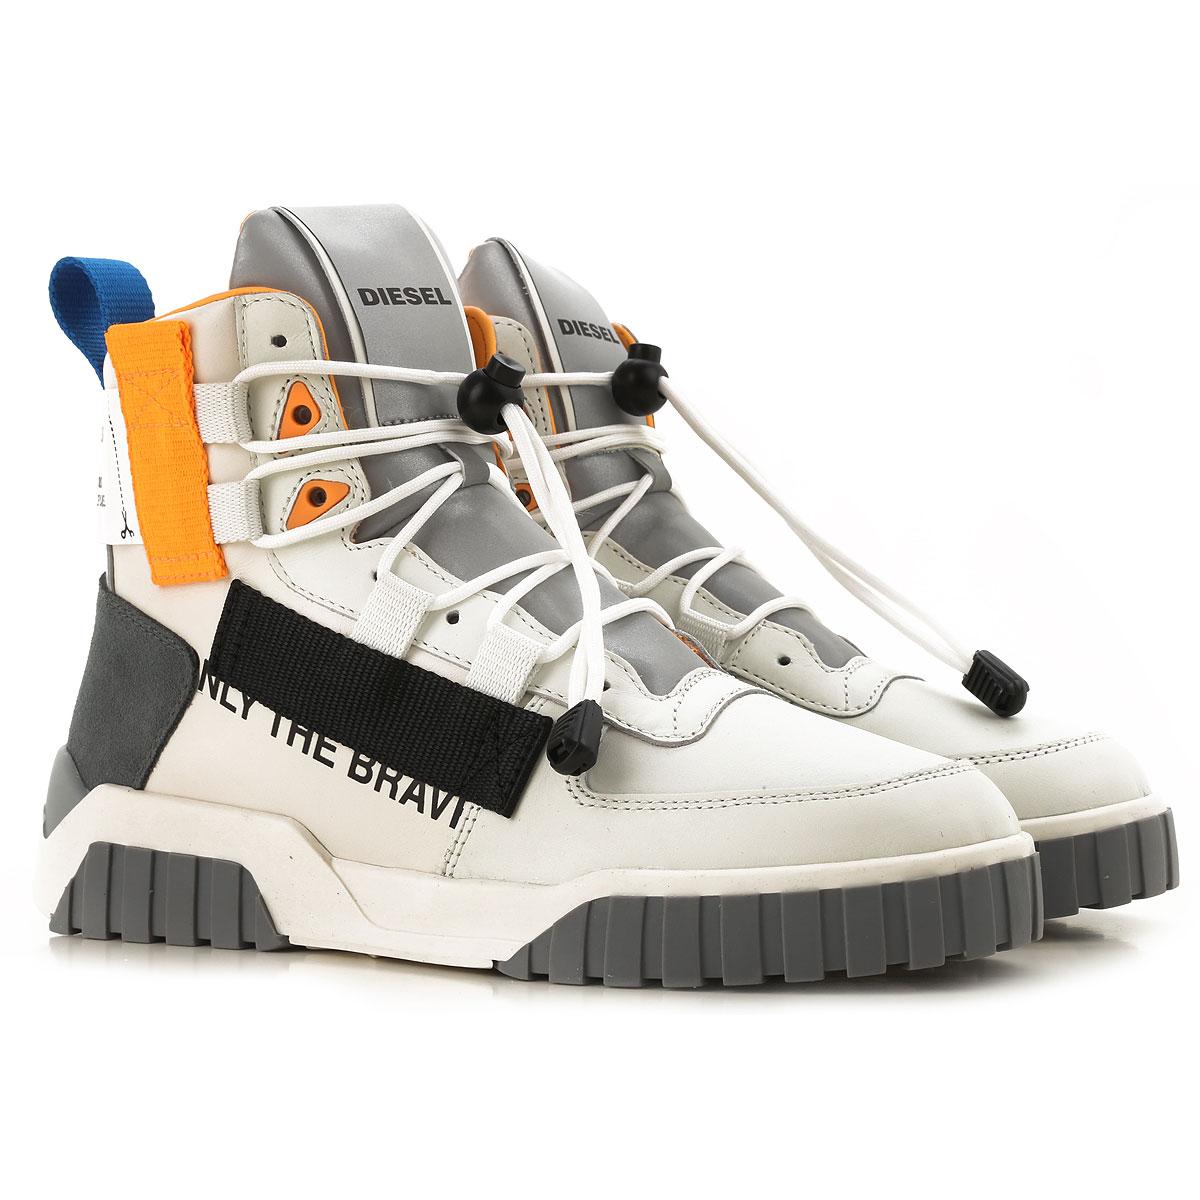 Mens Shoes Diesel, Style code: y02070